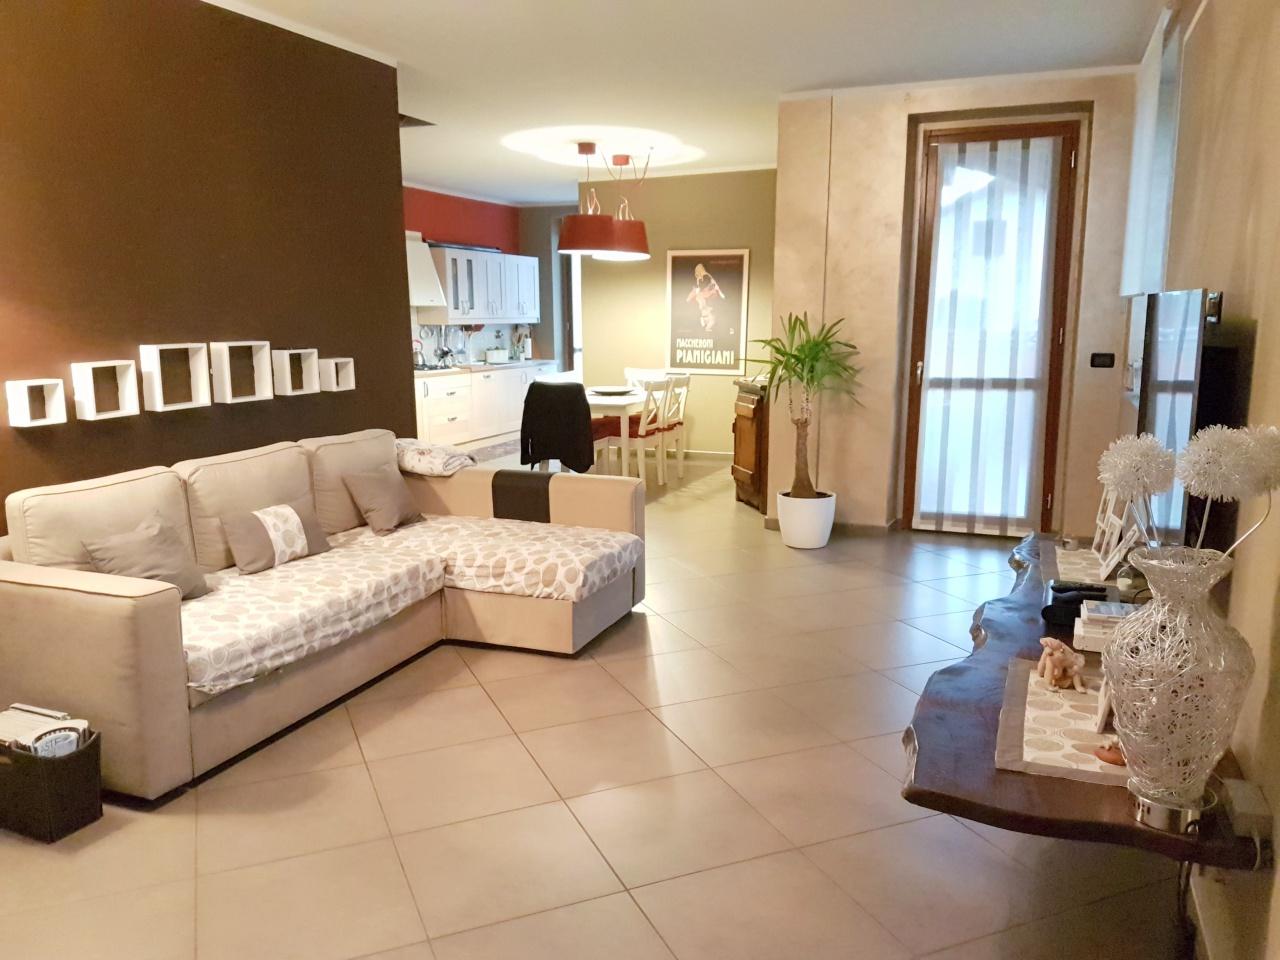 Appartamento in vendita a Caluso, 4 locali, prezzo € 139.000 | CambioCasa.it